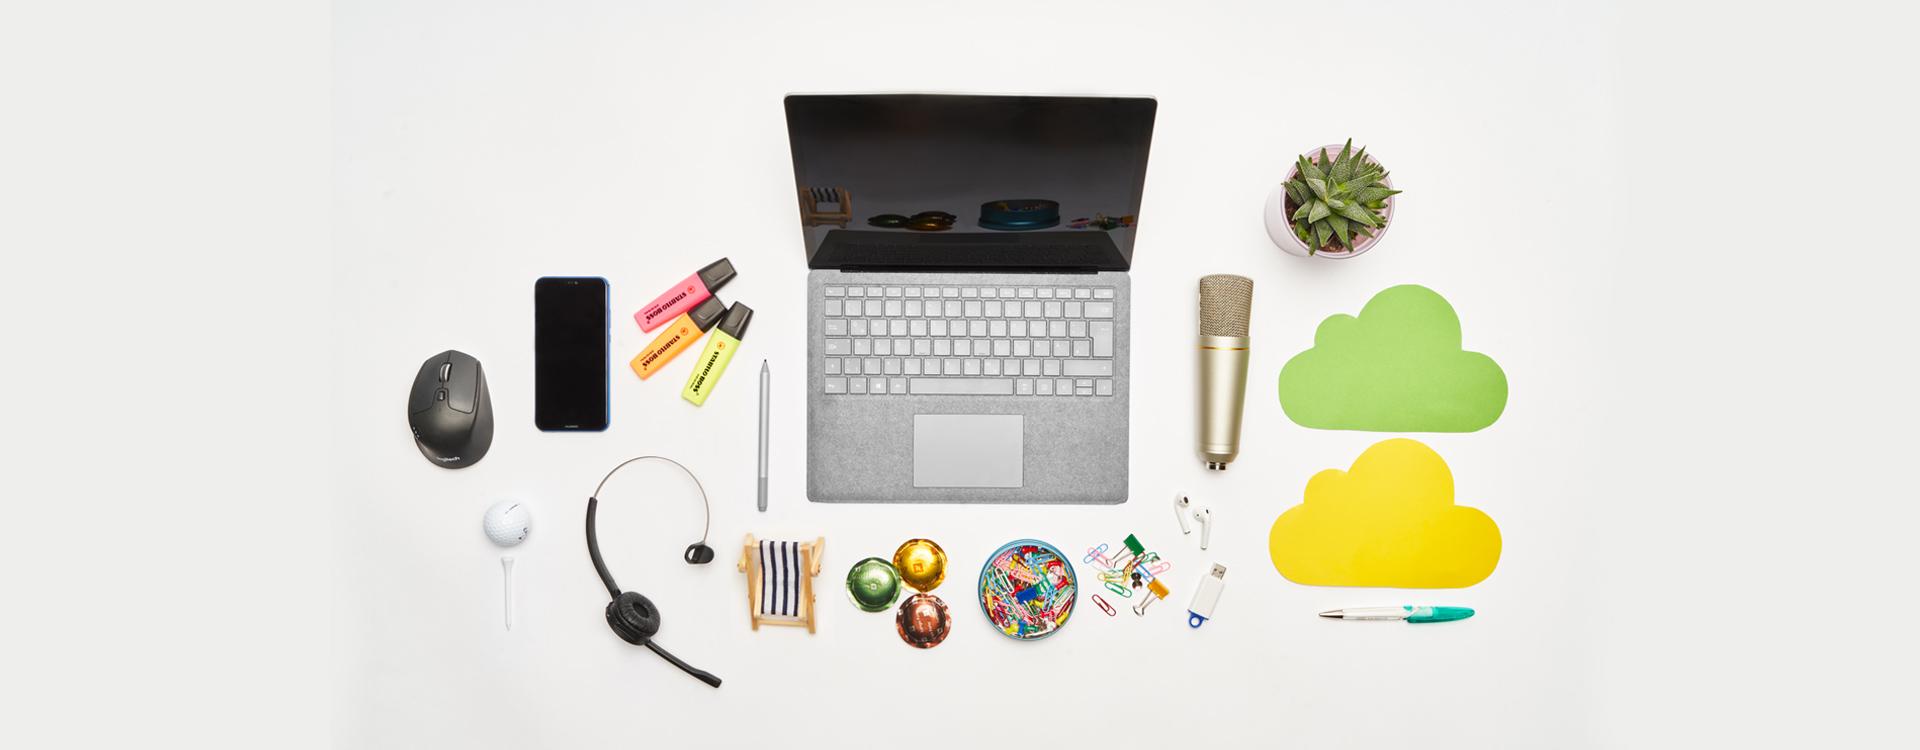 IT-Solutions bei Kaisys IT - Ihr IT-Dienstleister